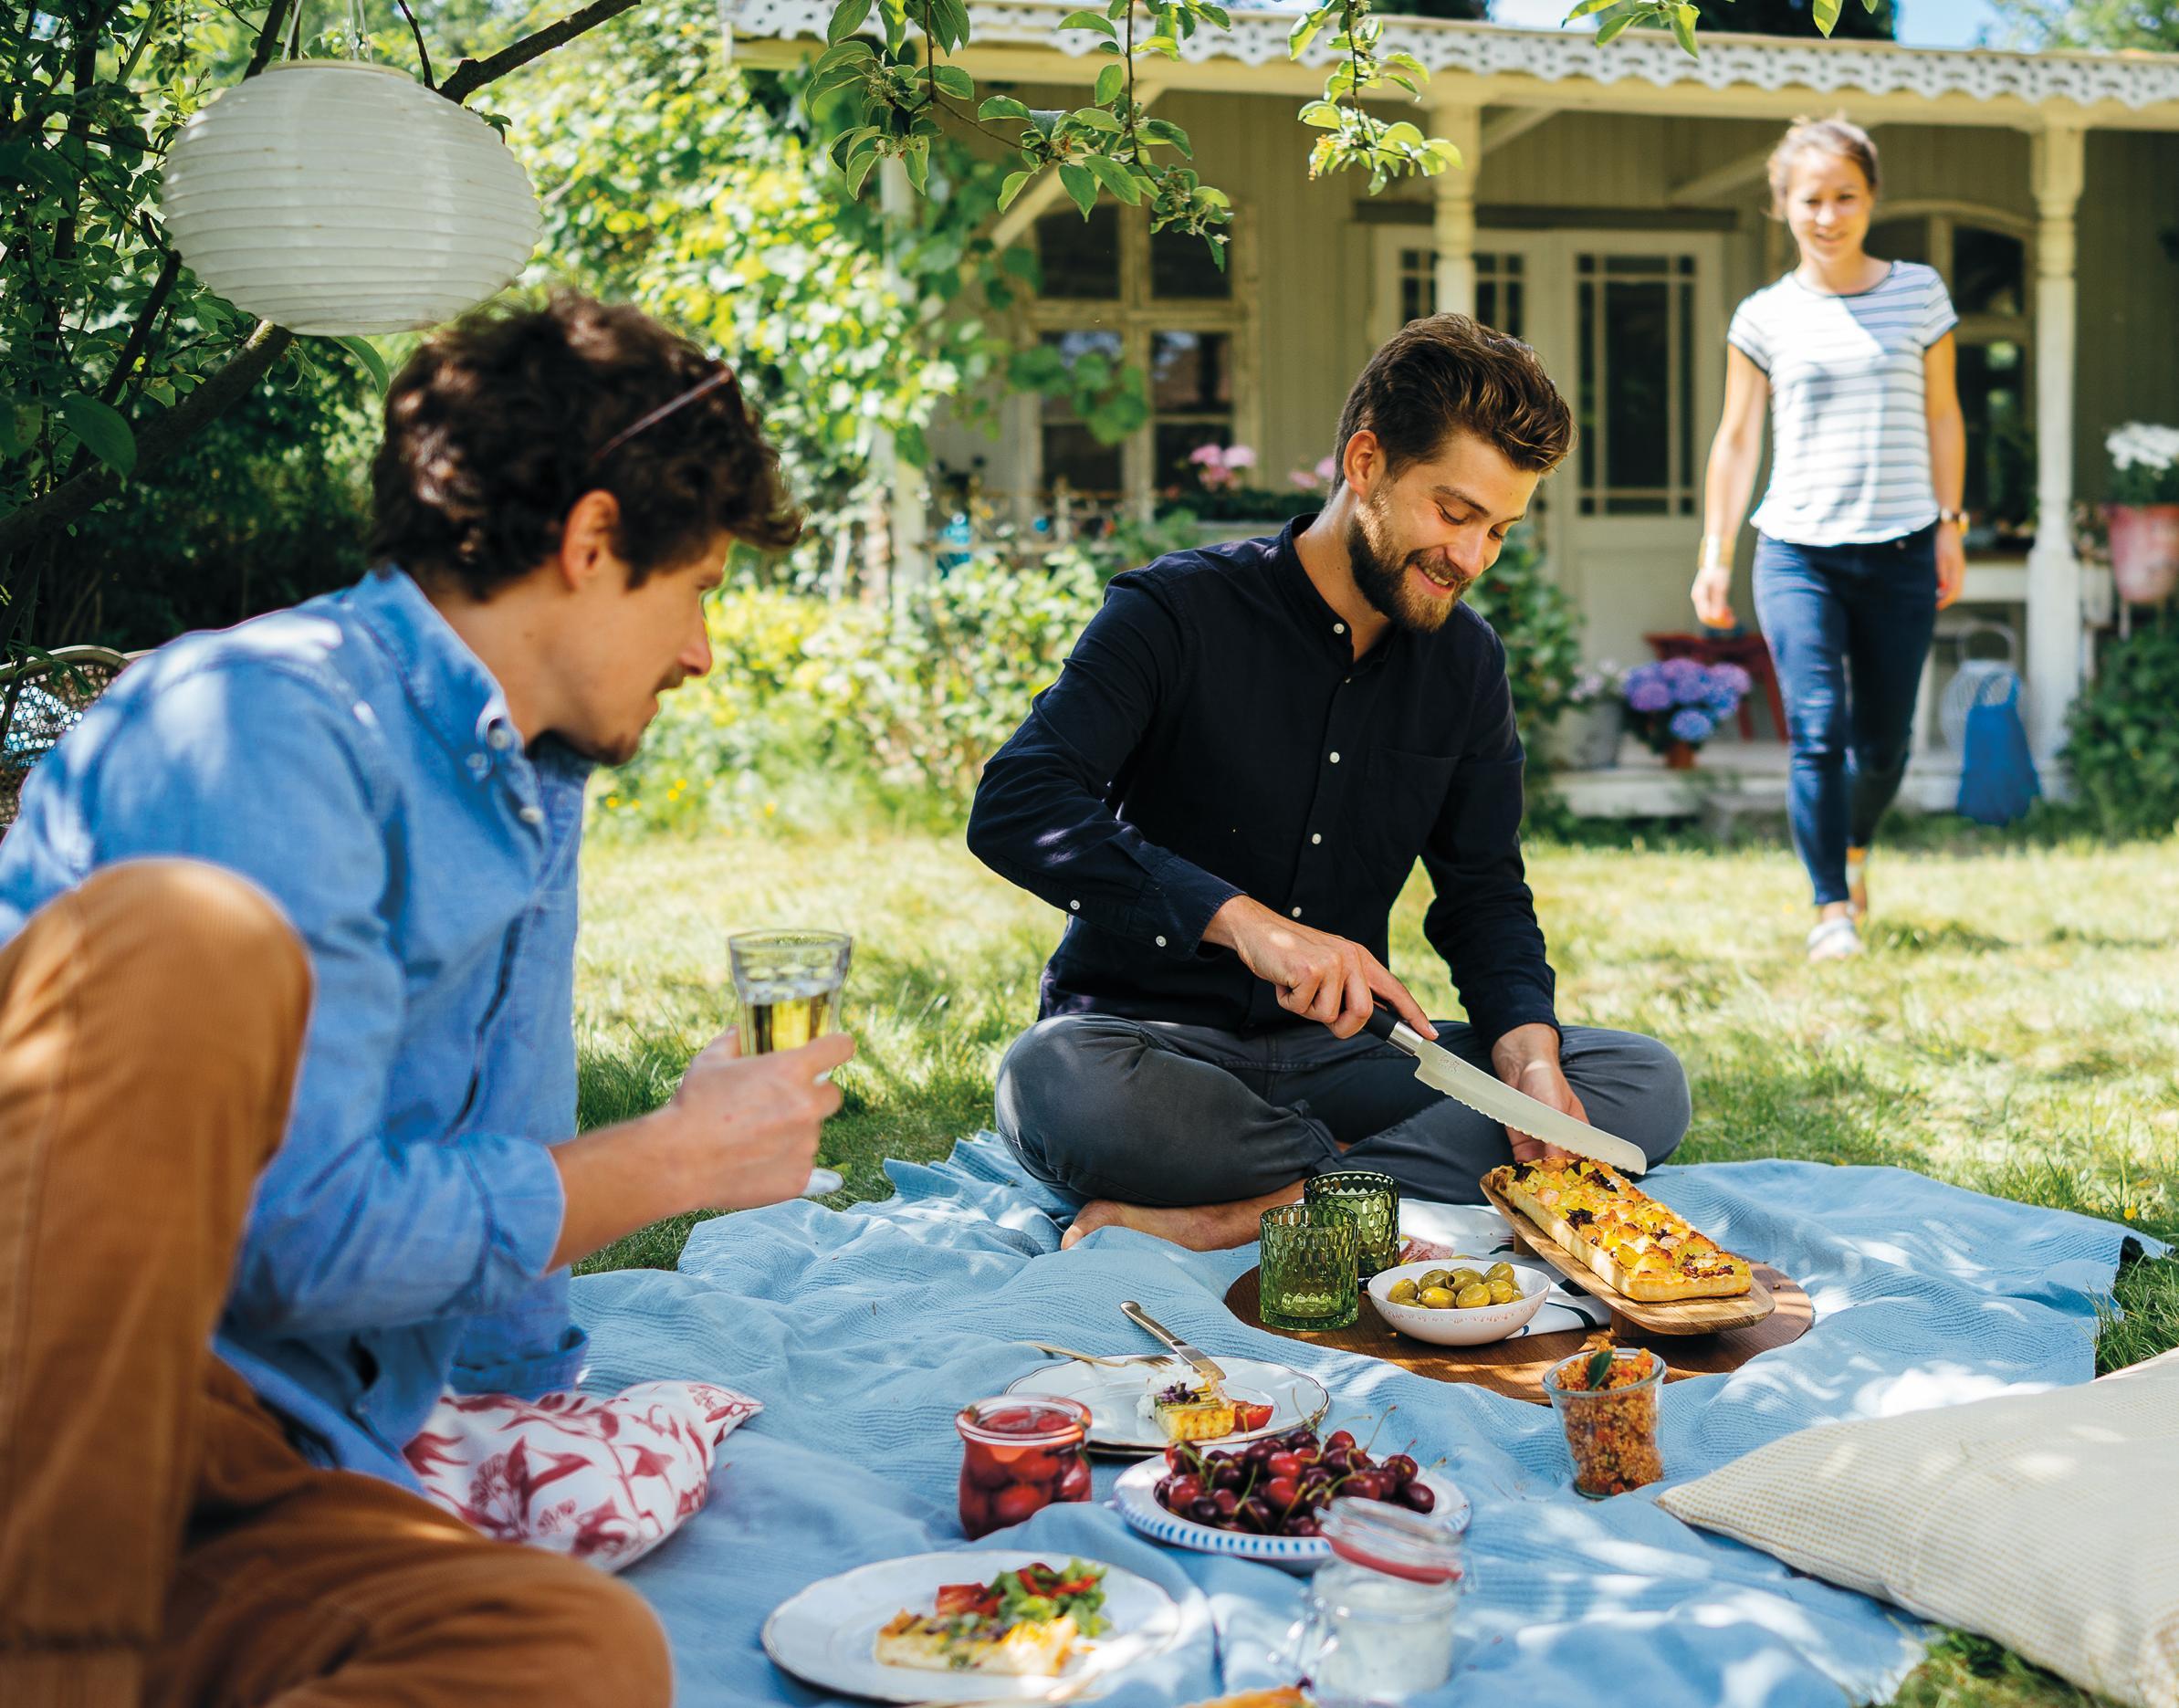 Picknick-Ideen mit Fisch